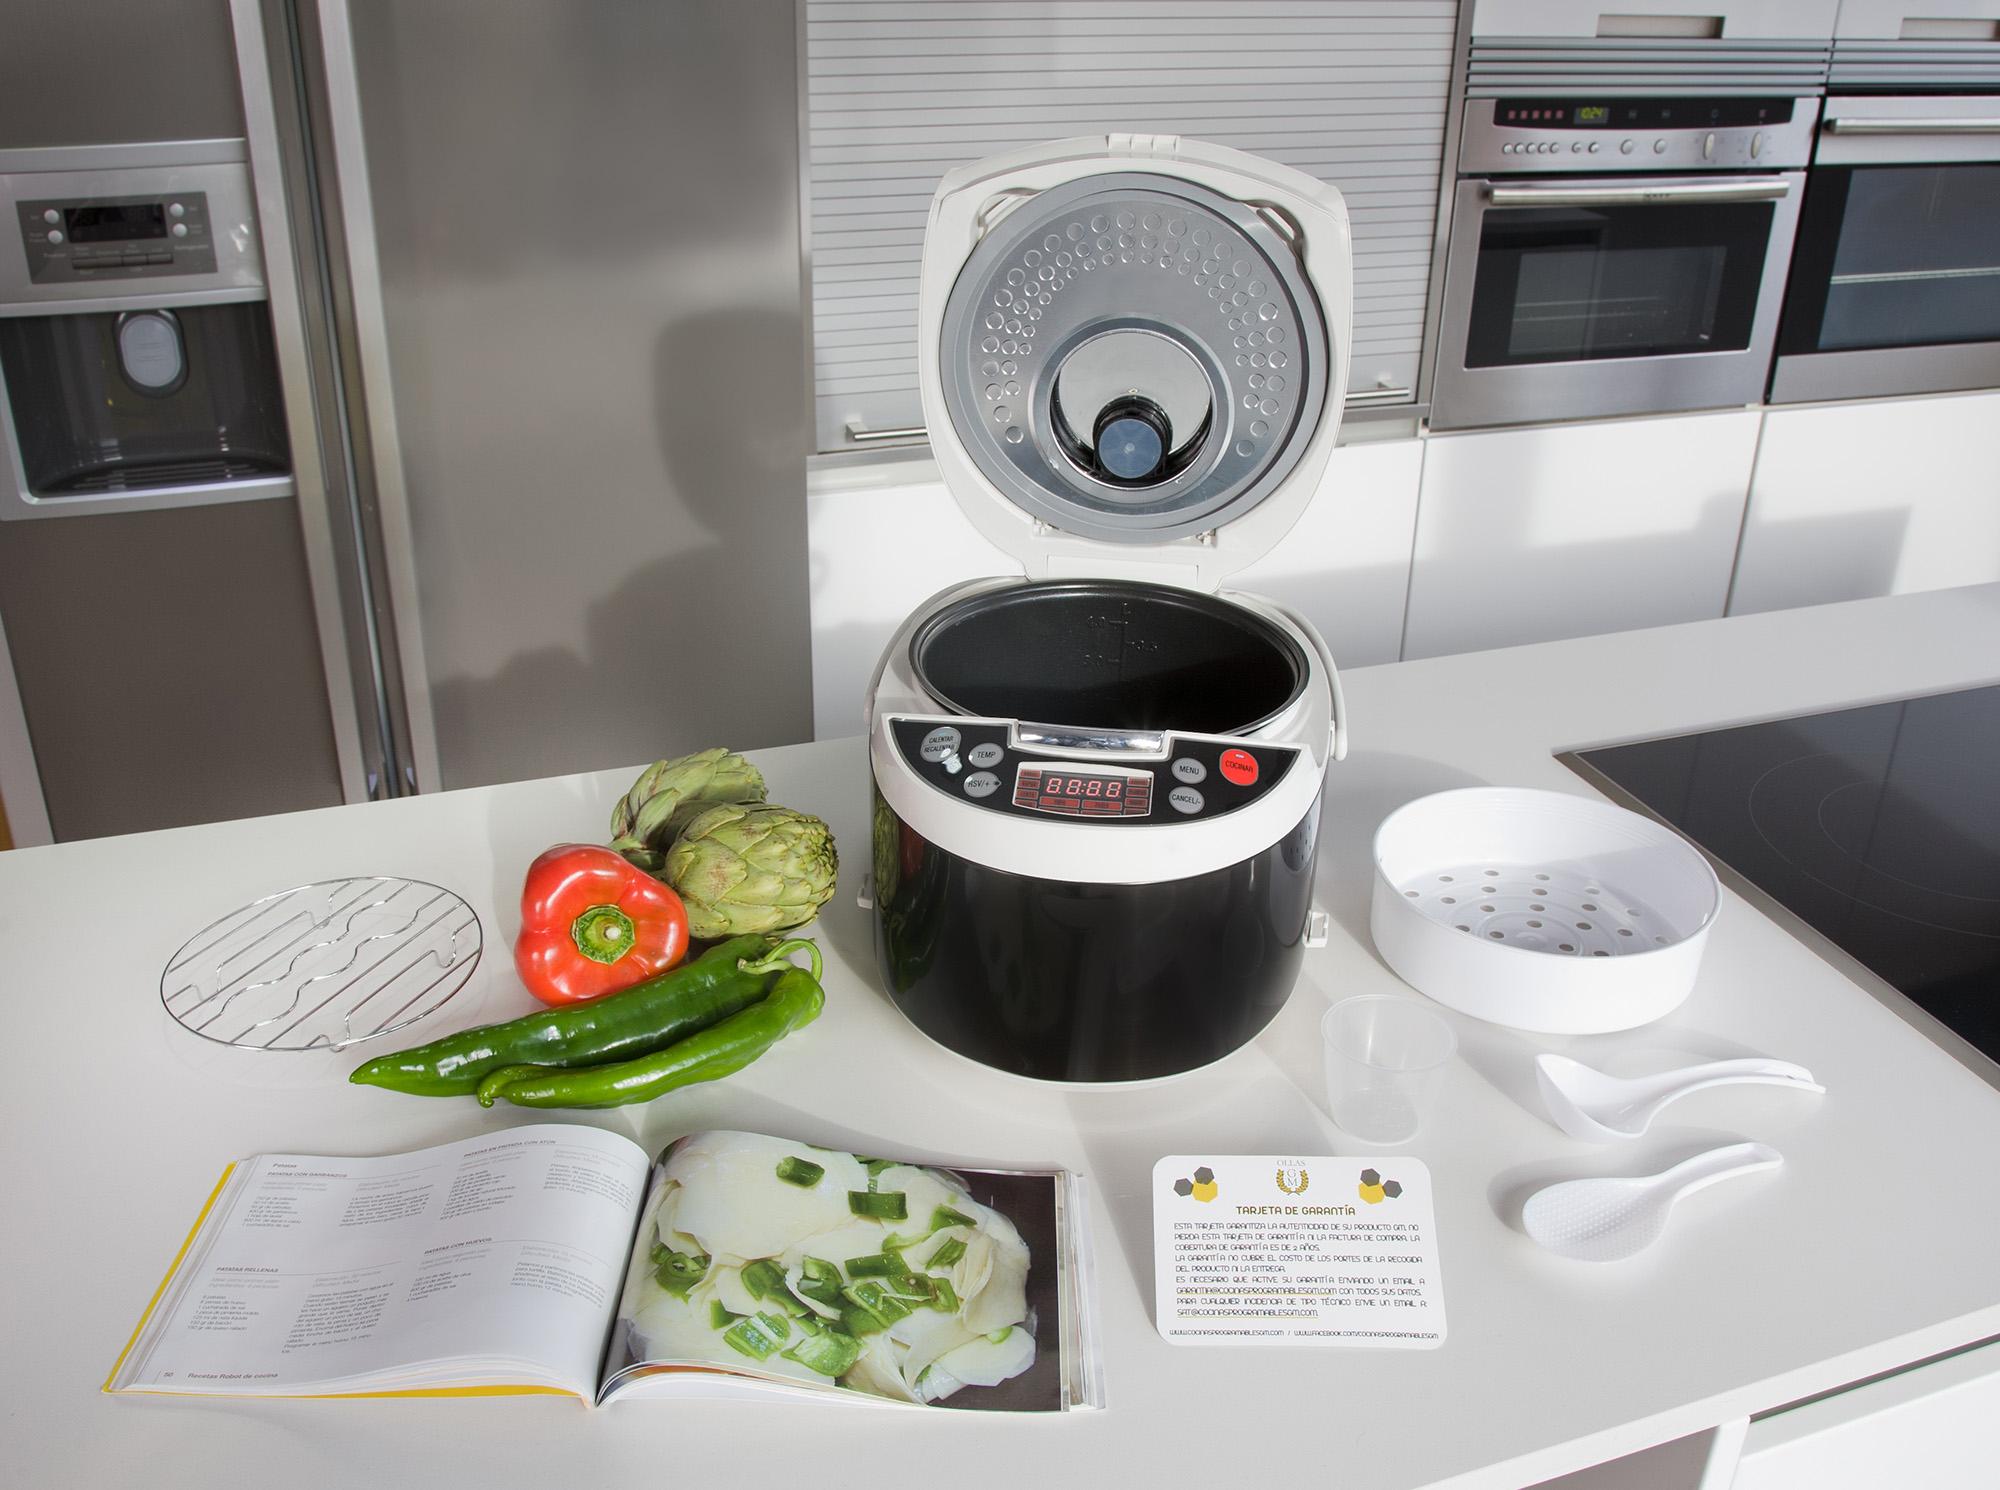 Robot de cocina gourmet 5000 con carcasa de acero y voz en - Cocinar con robots de cocina ...